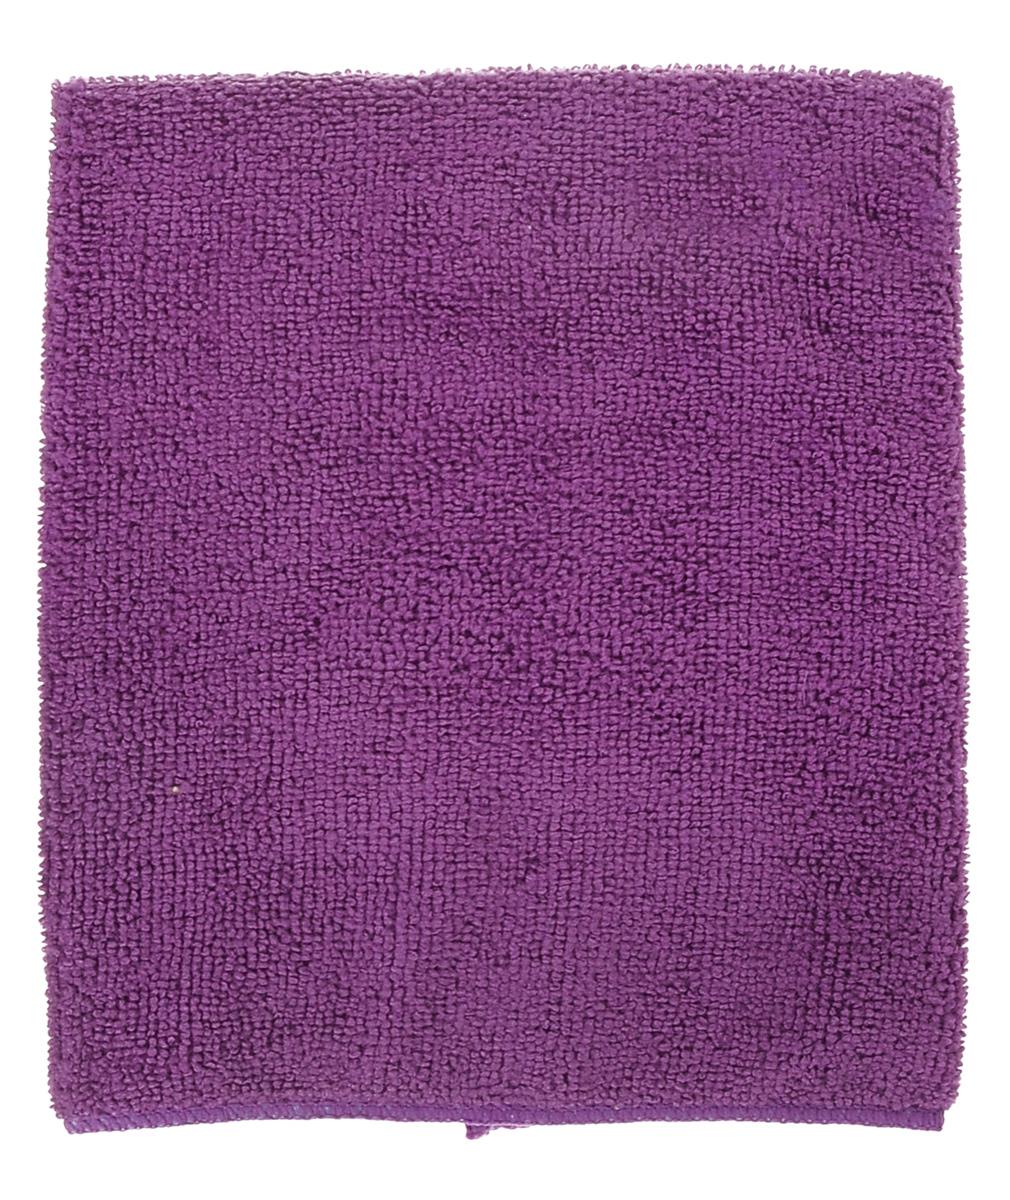 Салфетка универсальная York Prestige, впитывающая, цвет: фиолетовый, 38 х 38 см2640Салфетка York Prestige, изготовленная из микрофибры (полиамида и полиэстера), предназначена для сухой и влажной уборки. Подходит для ухода за любыми поверхностями. Не оставляет разводов и ворсинок. Обладает отличными впитывающими свойствами.